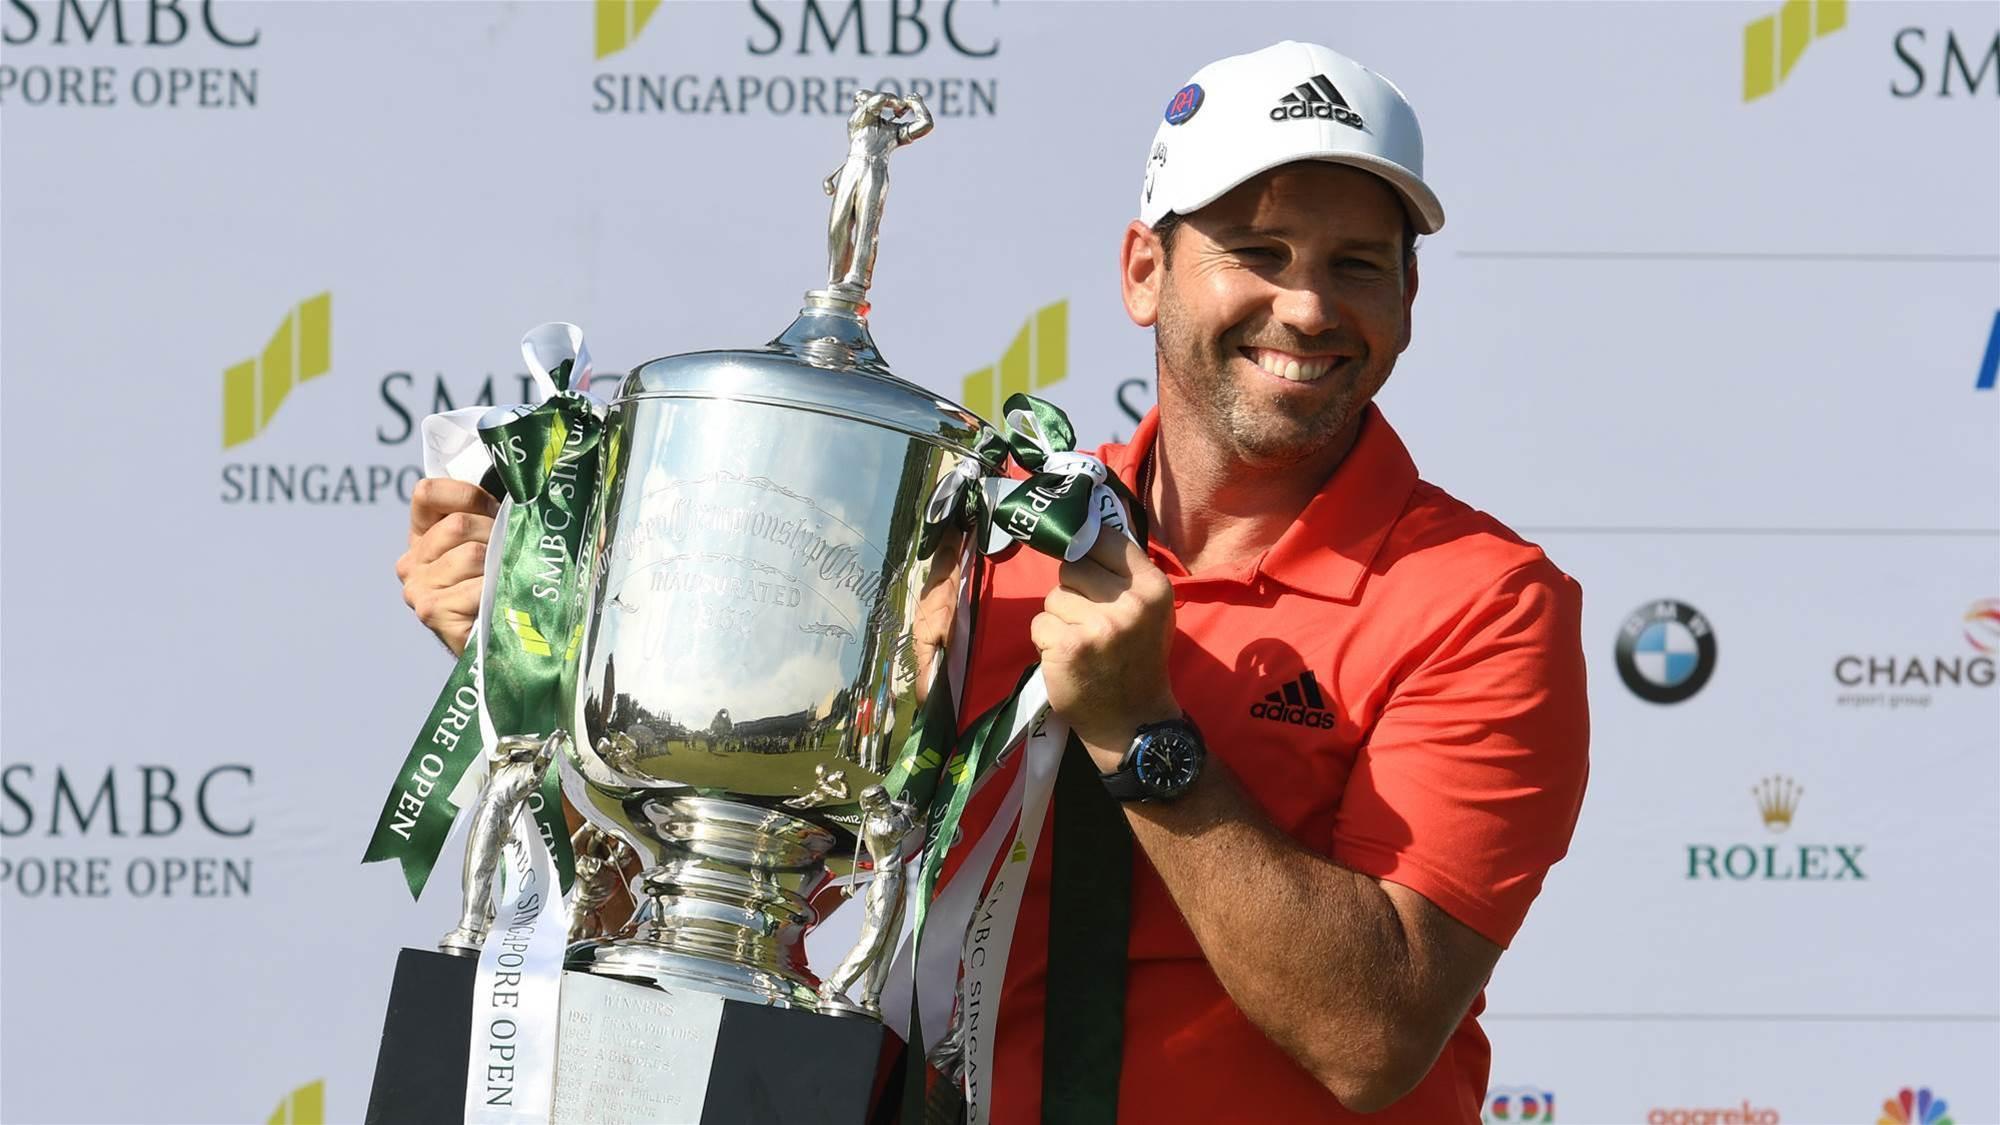 ASIAN TOUR: Singapore Open to start 2019 season